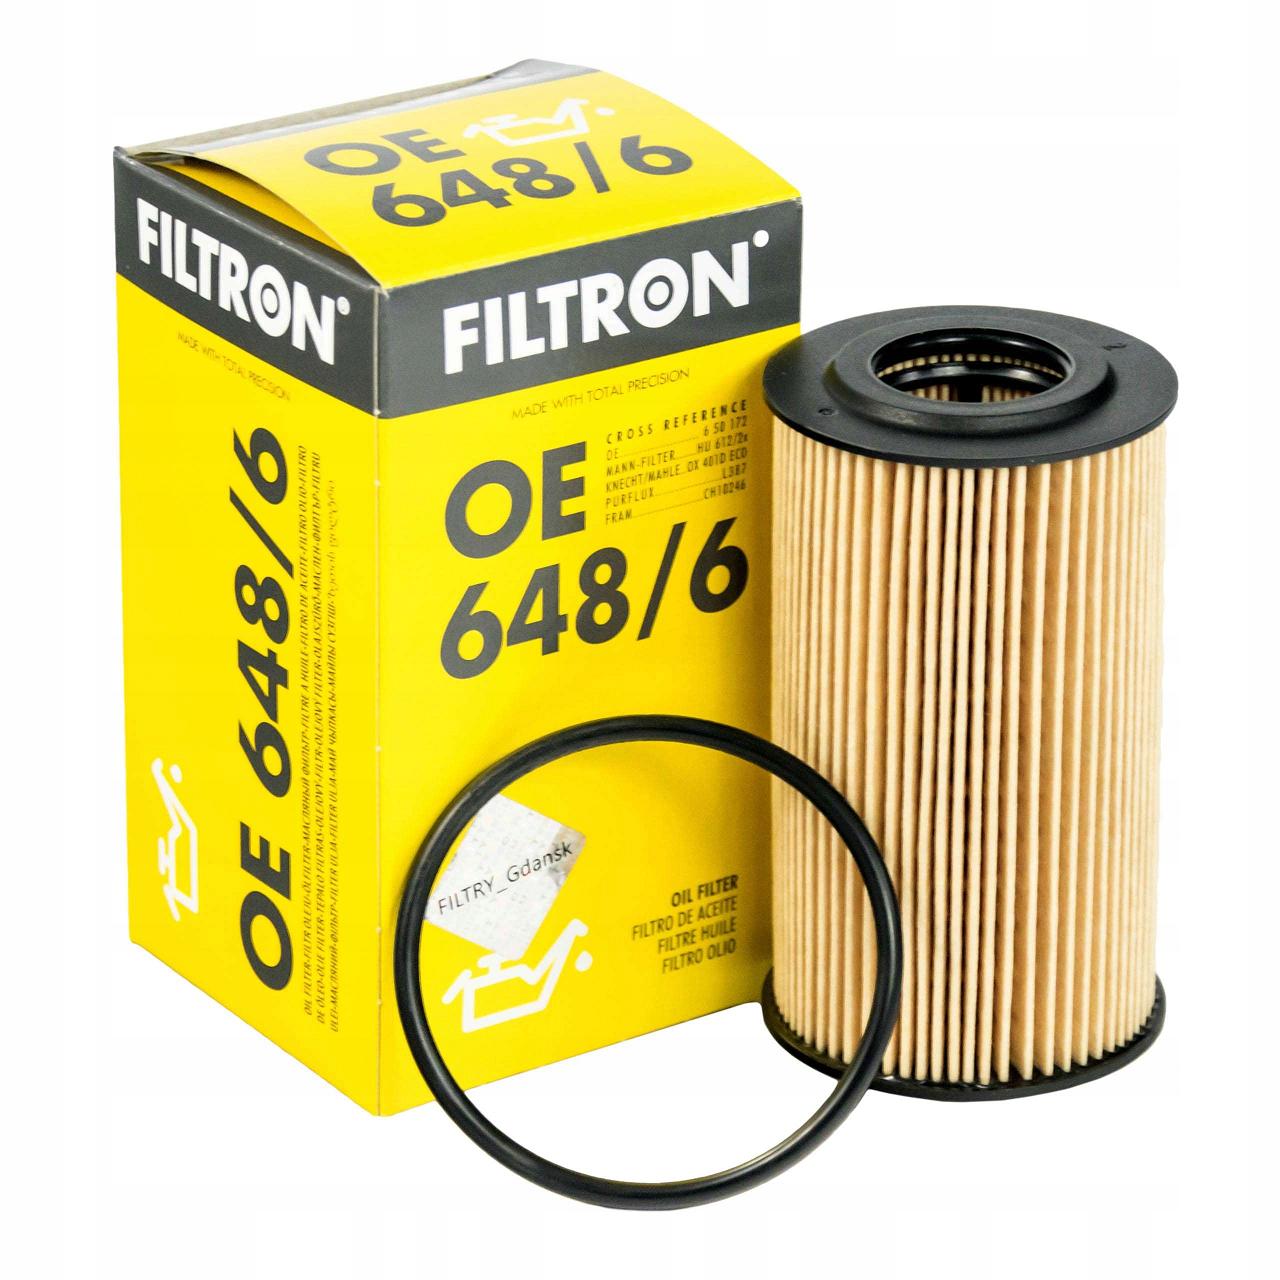 Opel Corsa D 1.2 - 1.4 Yağ Filtresi Filtron